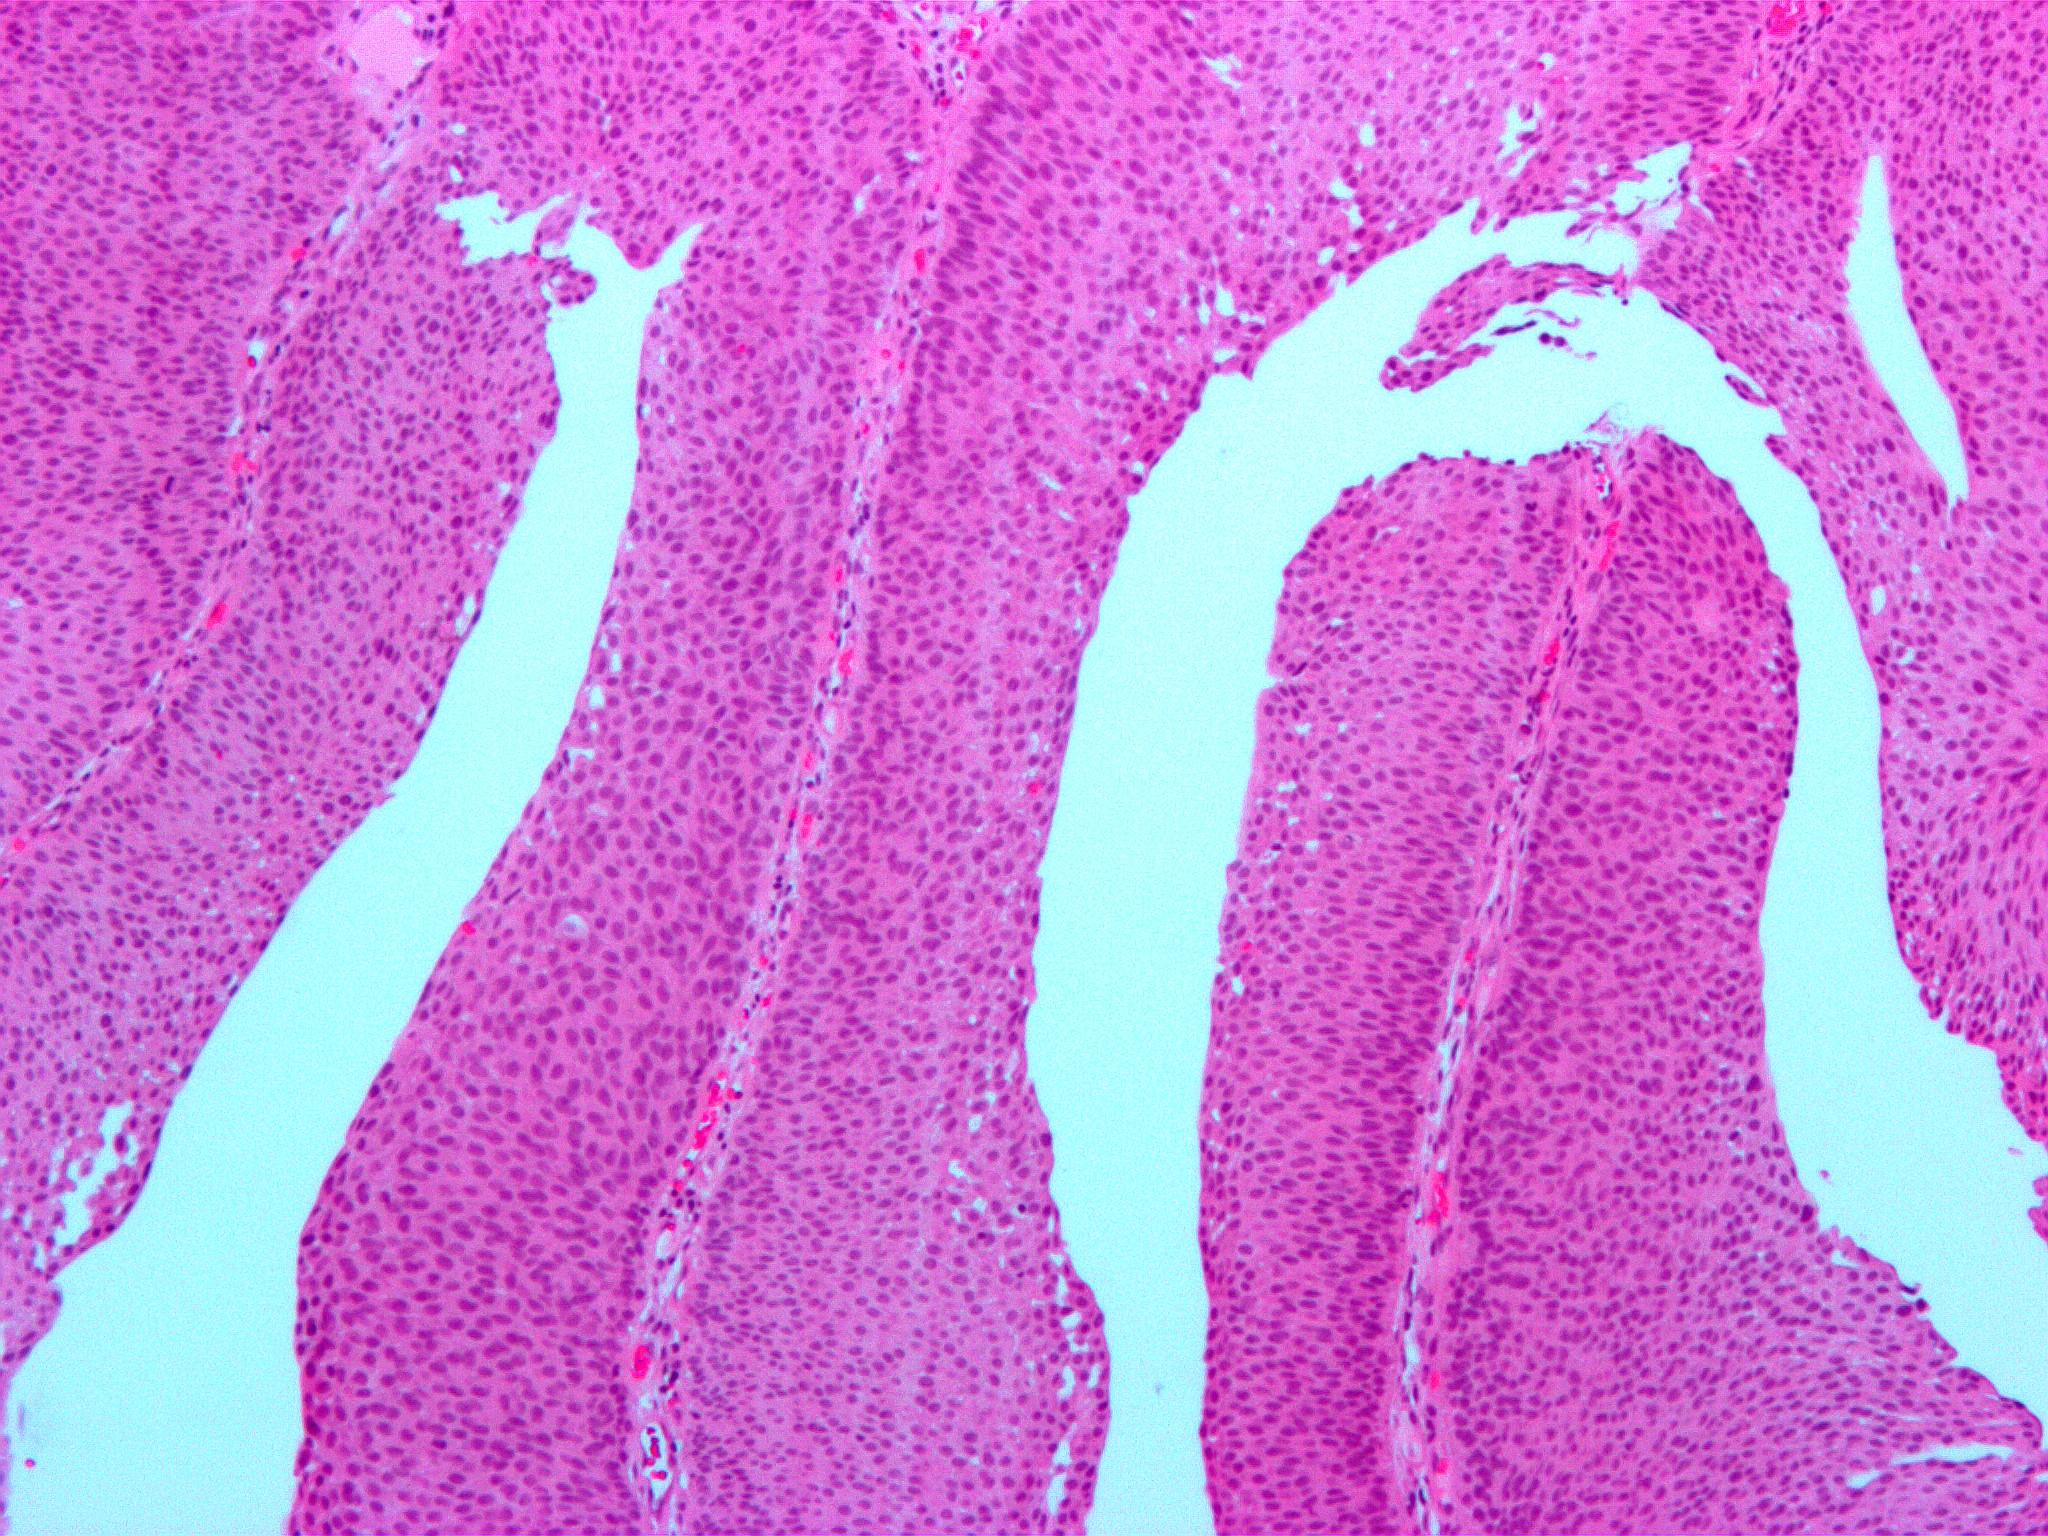 Papillary urothelial hyperplasia histology